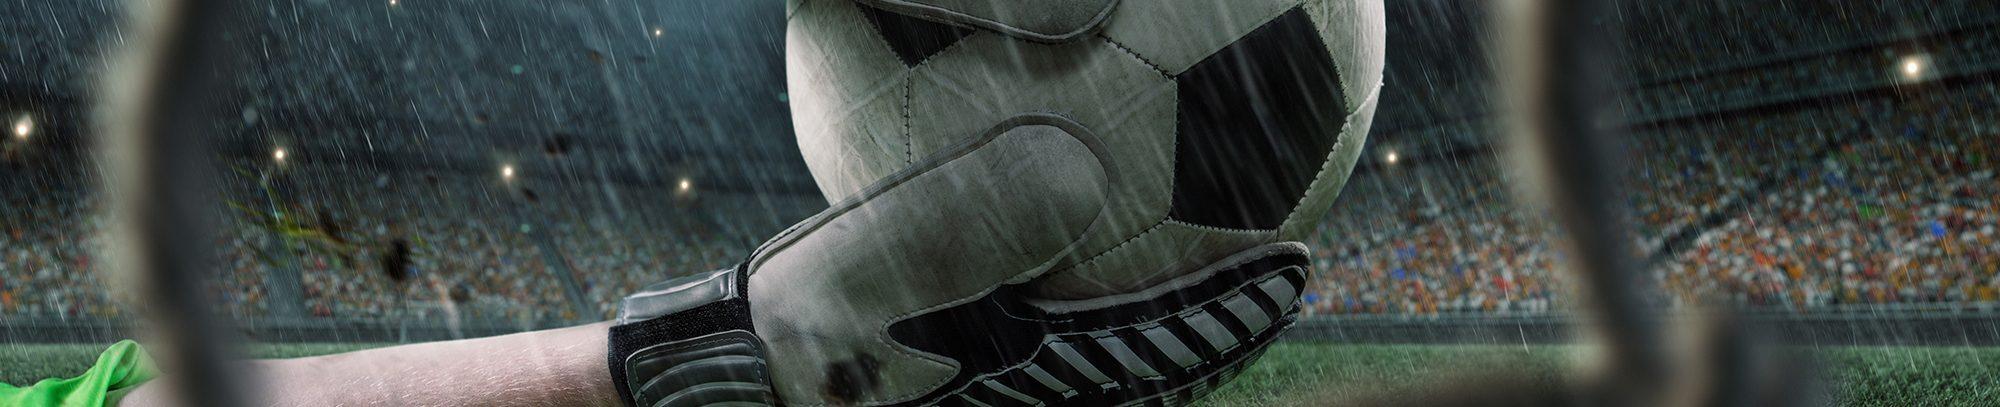 Goal Keeper of Toddy Gear - Jason Emery